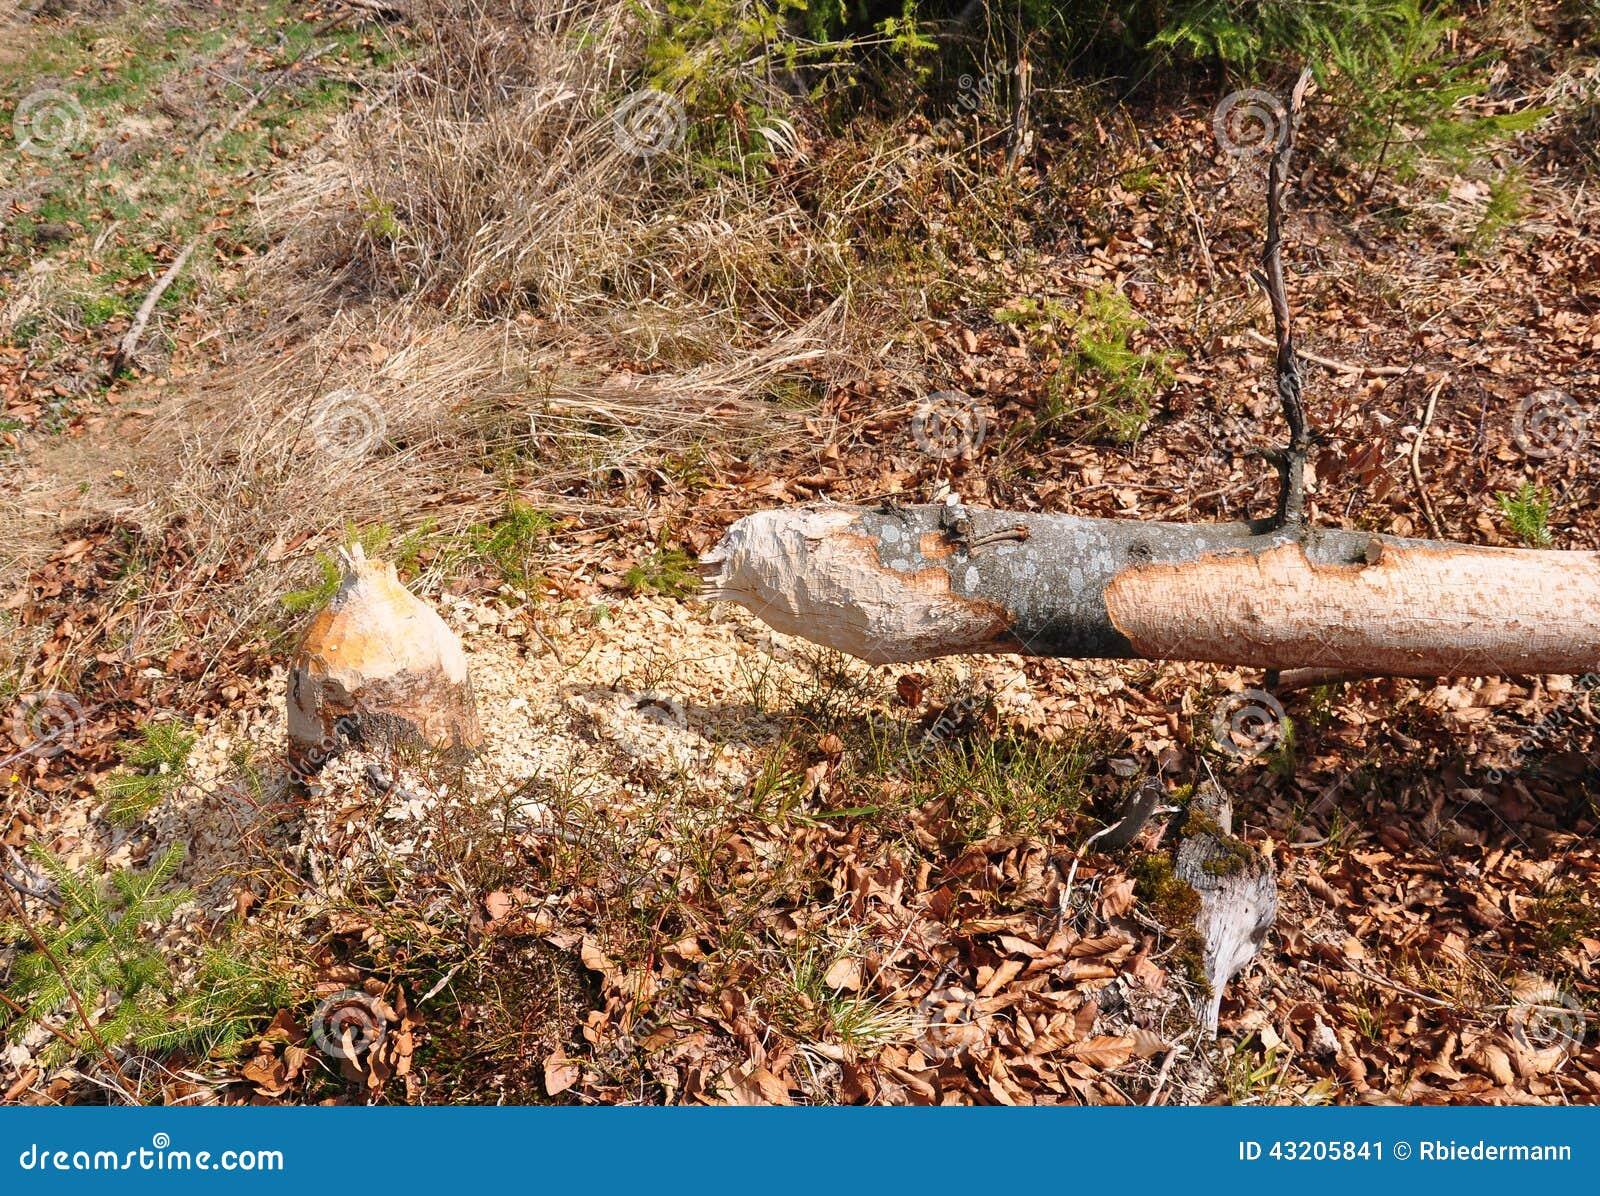 Download Bäverträd fotografering för bildbyråer. Bild av rodent - 43205841